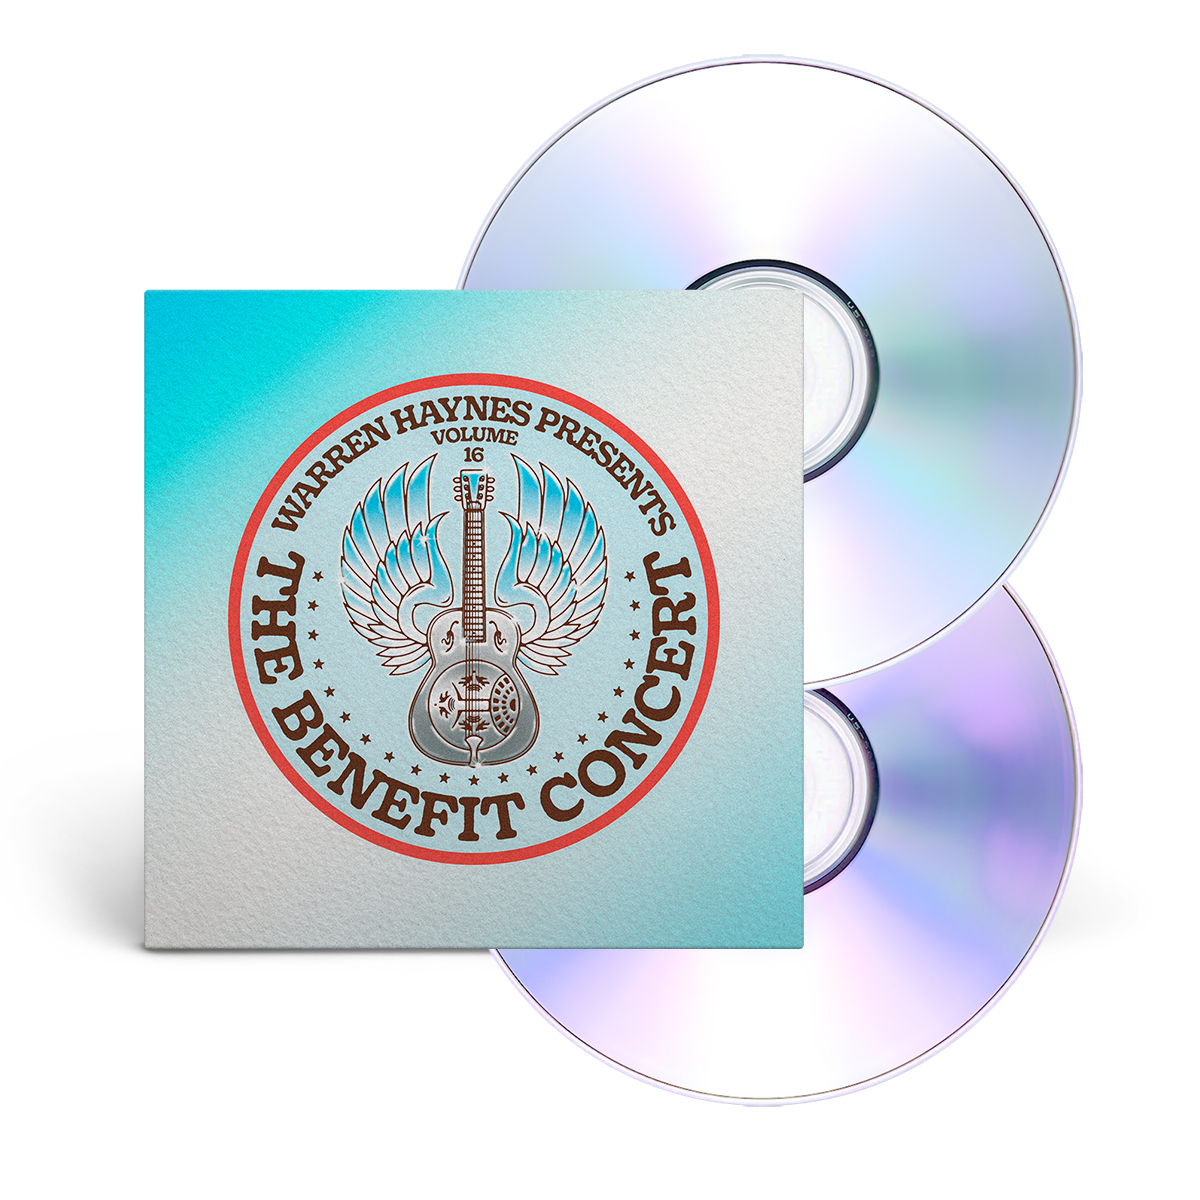 Warren Haynes Presents: The Benefit Concert V. 16 CD/DVD